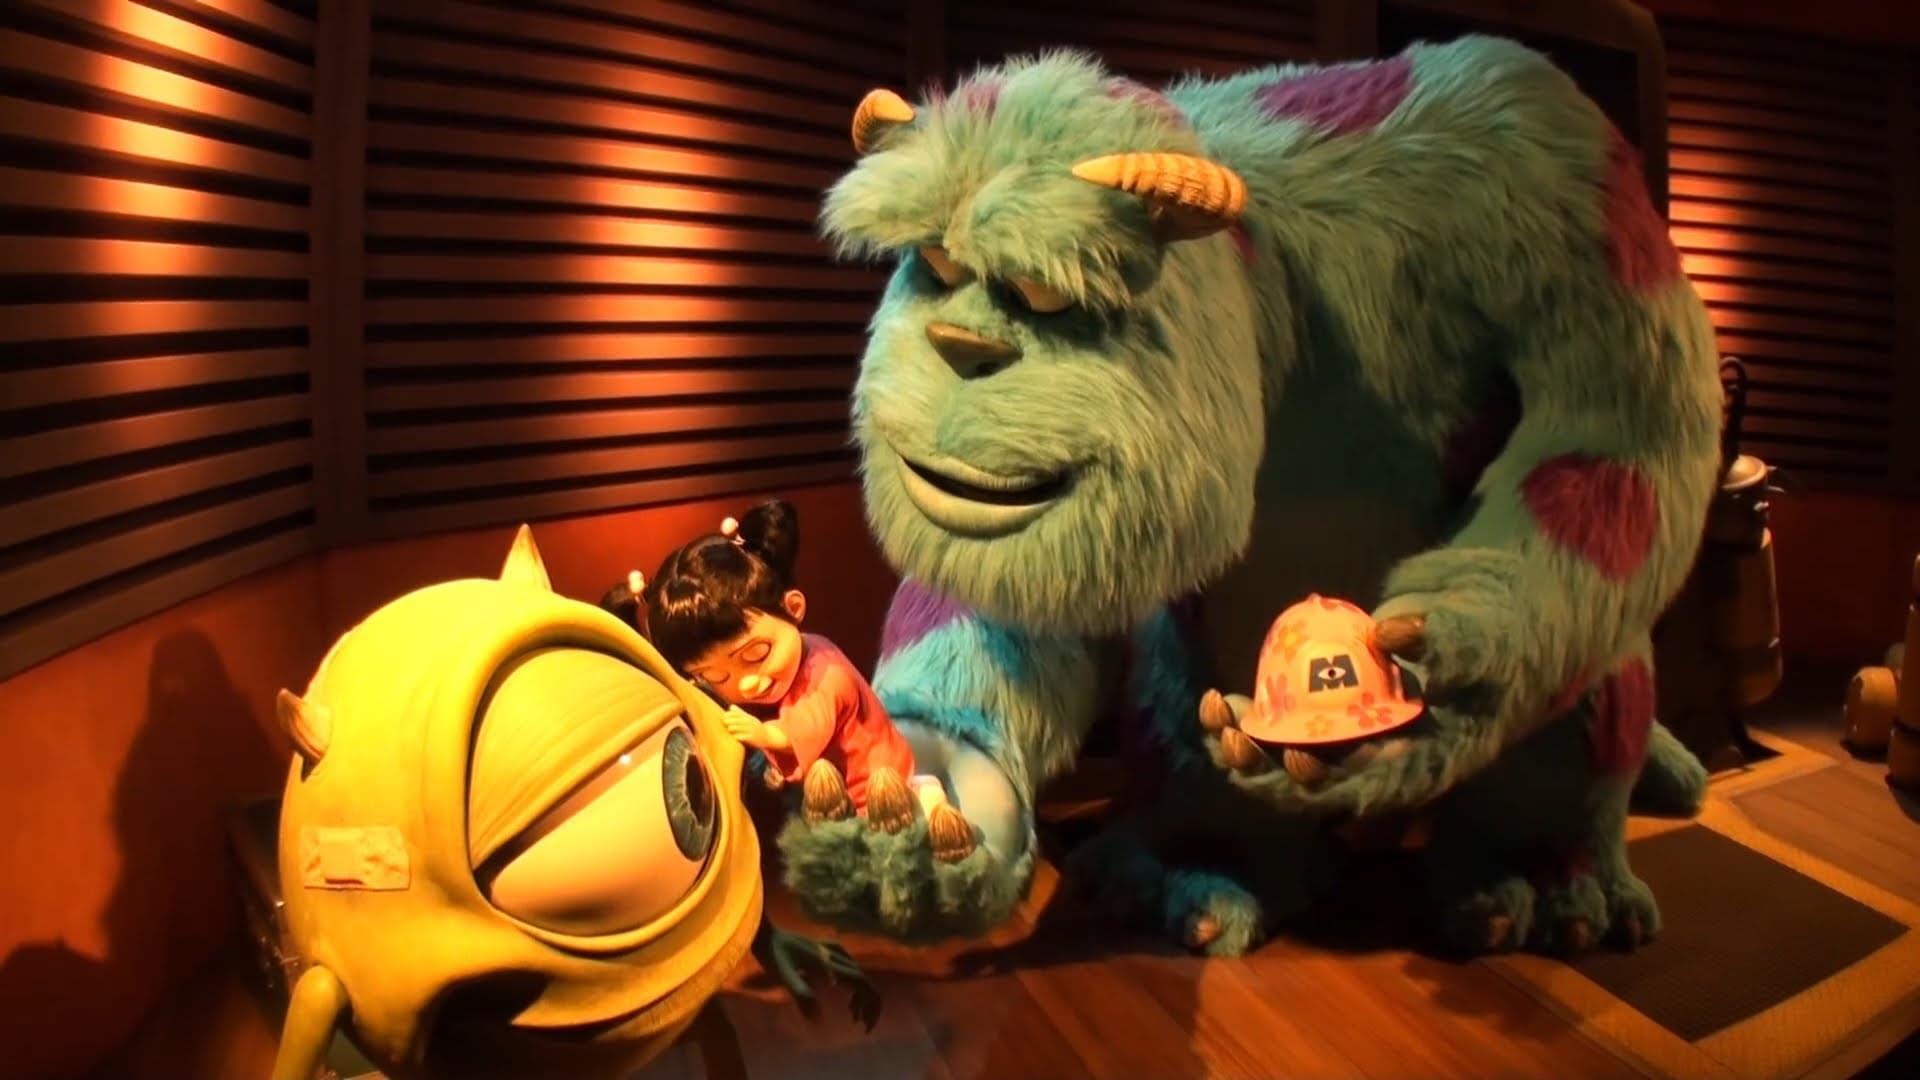 東京ディズニーランドを遊び倒せ! 楽しむべきアトラクション